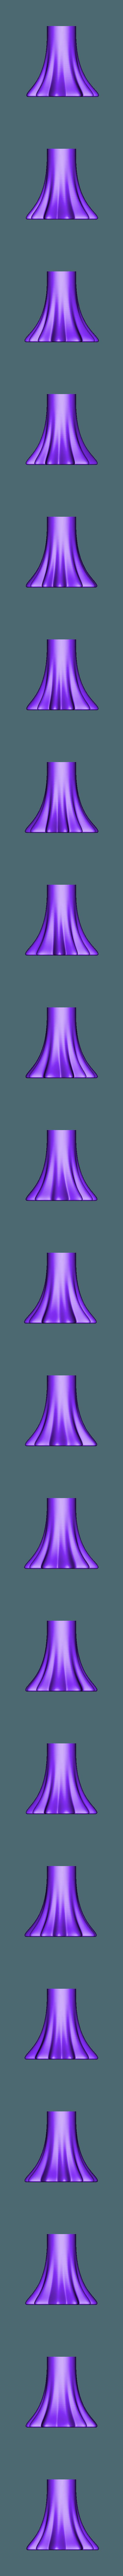 narcissus_type_b_trumpet.stl Télécharger fichier STL gratuit Narcisses de printemps • Design imprimable en 3D, tone001